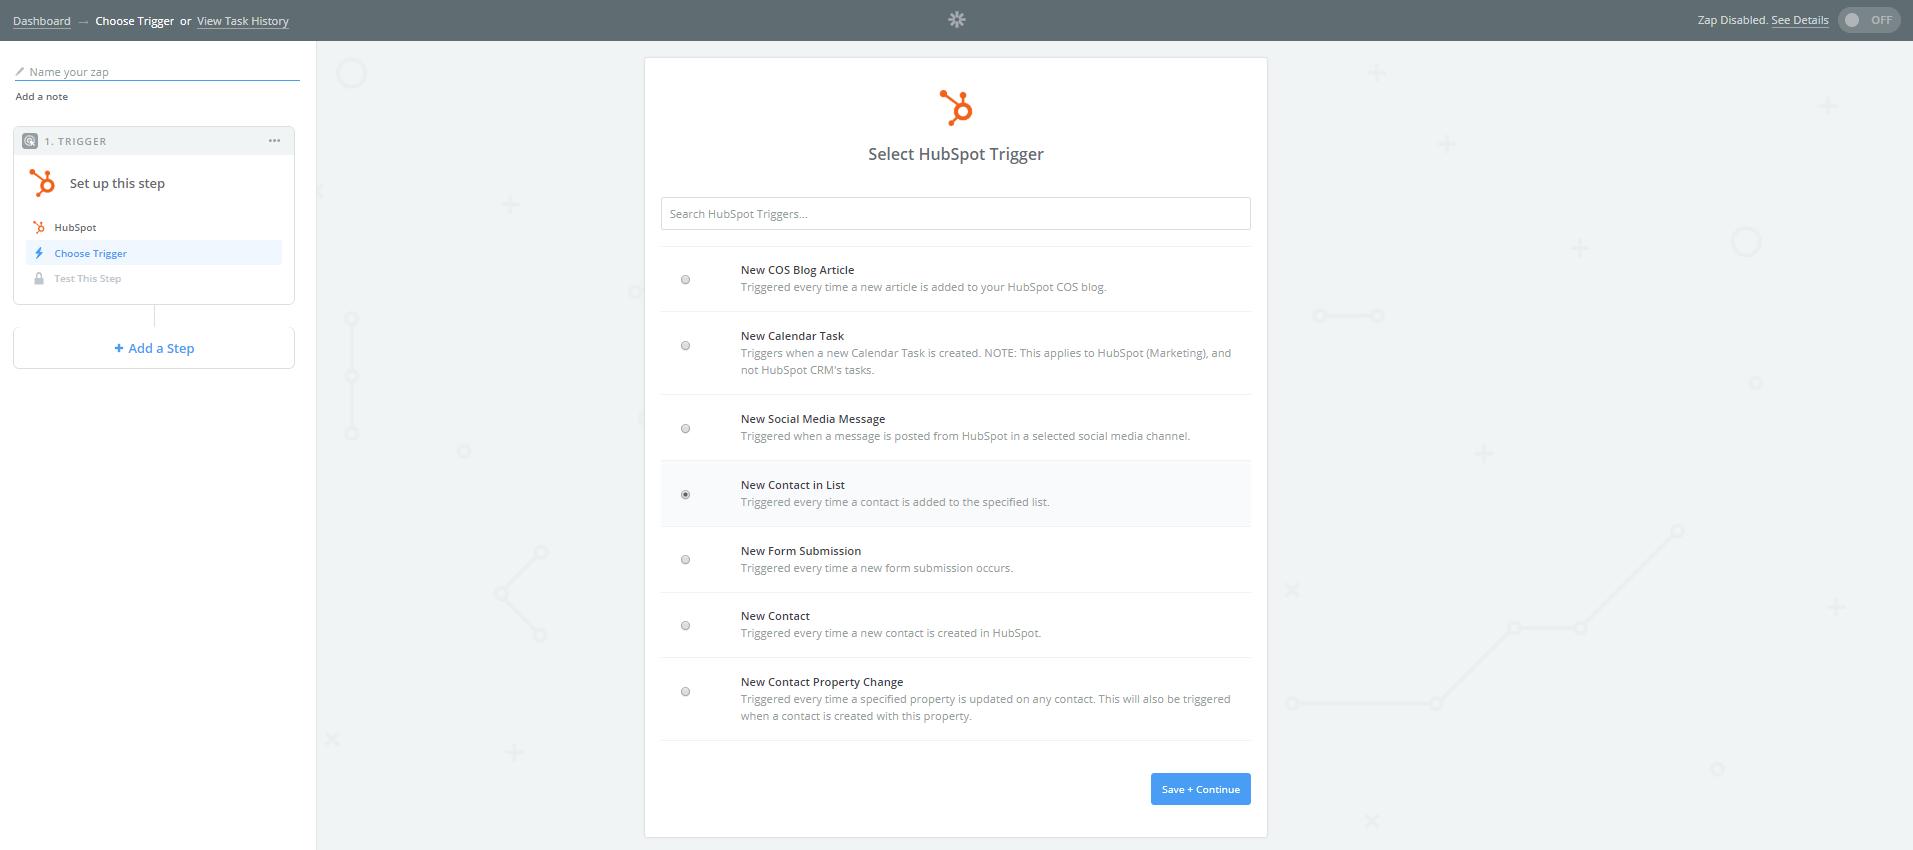 Nuevo contacto en la lista